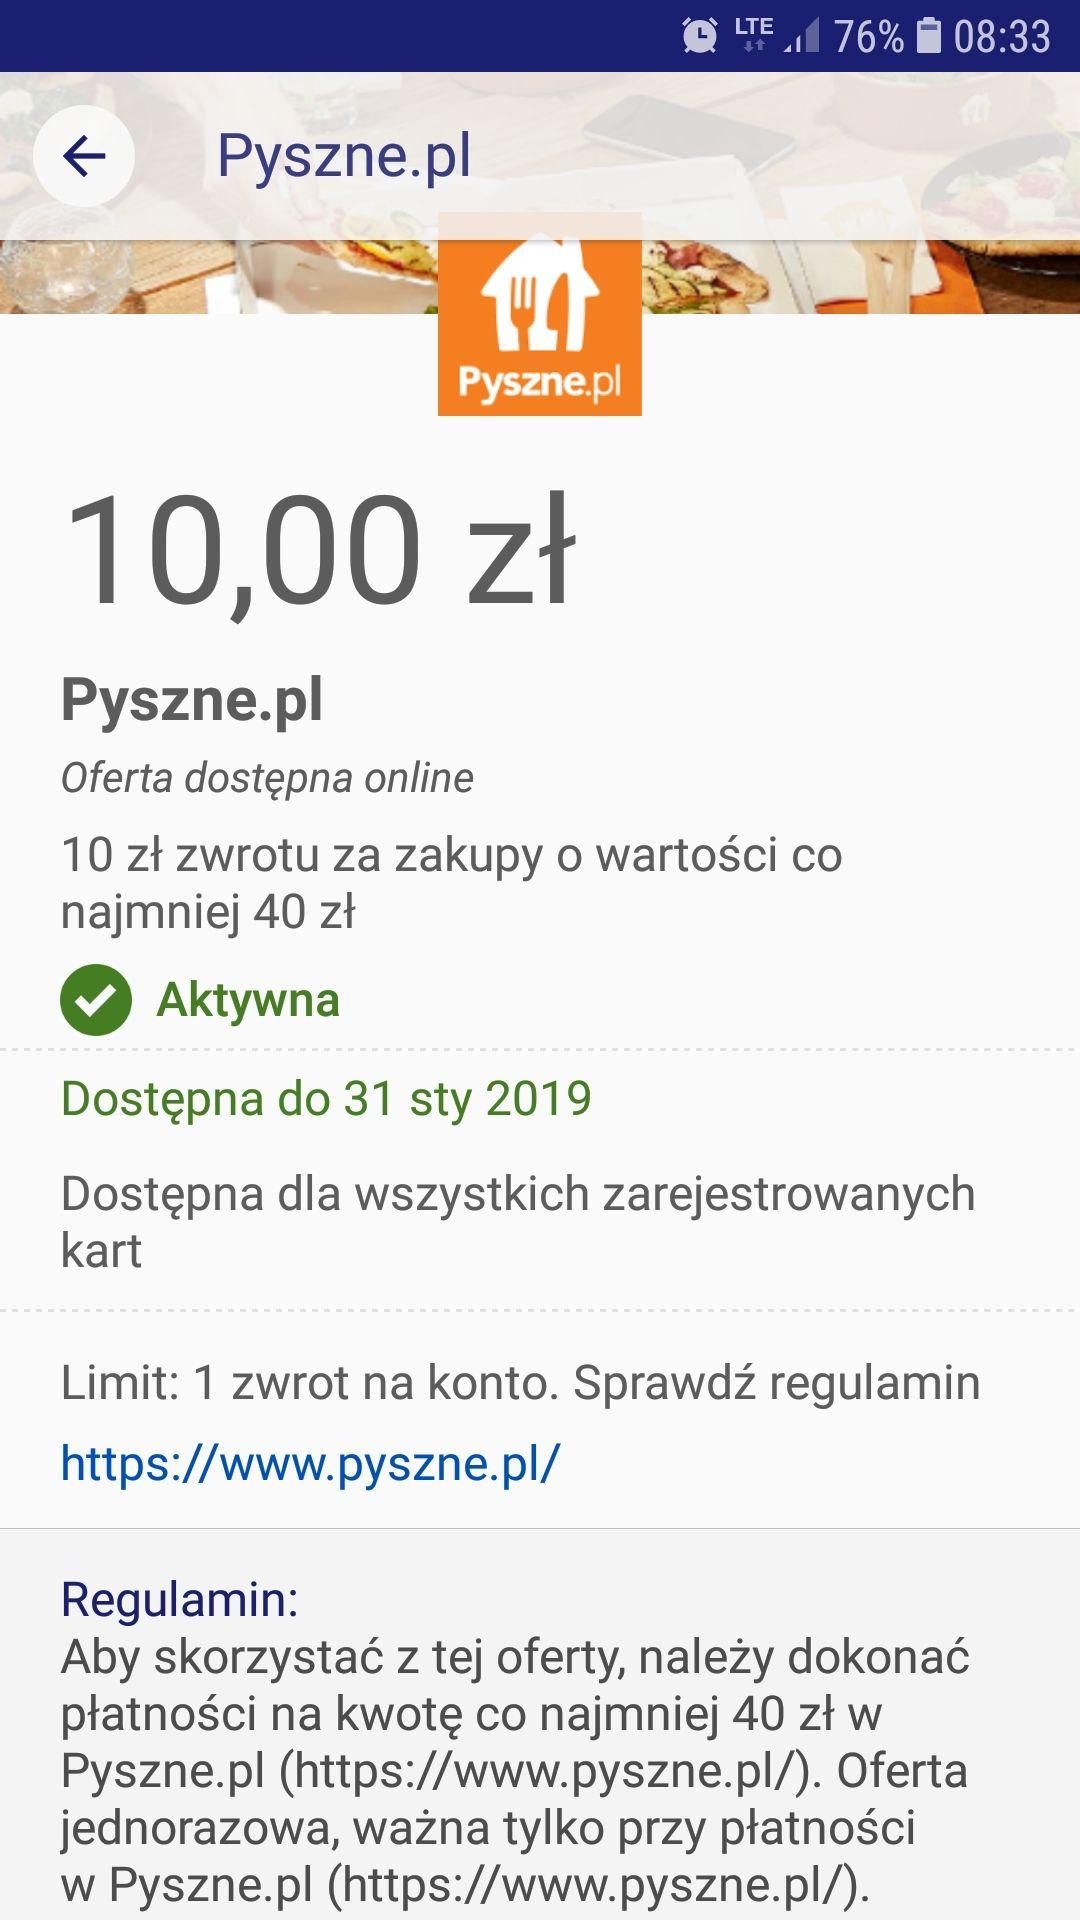 Pyszne.pl ! 10 zł zwrotu przy min. kwocie zamówienia 40 zl. Visa Oferty